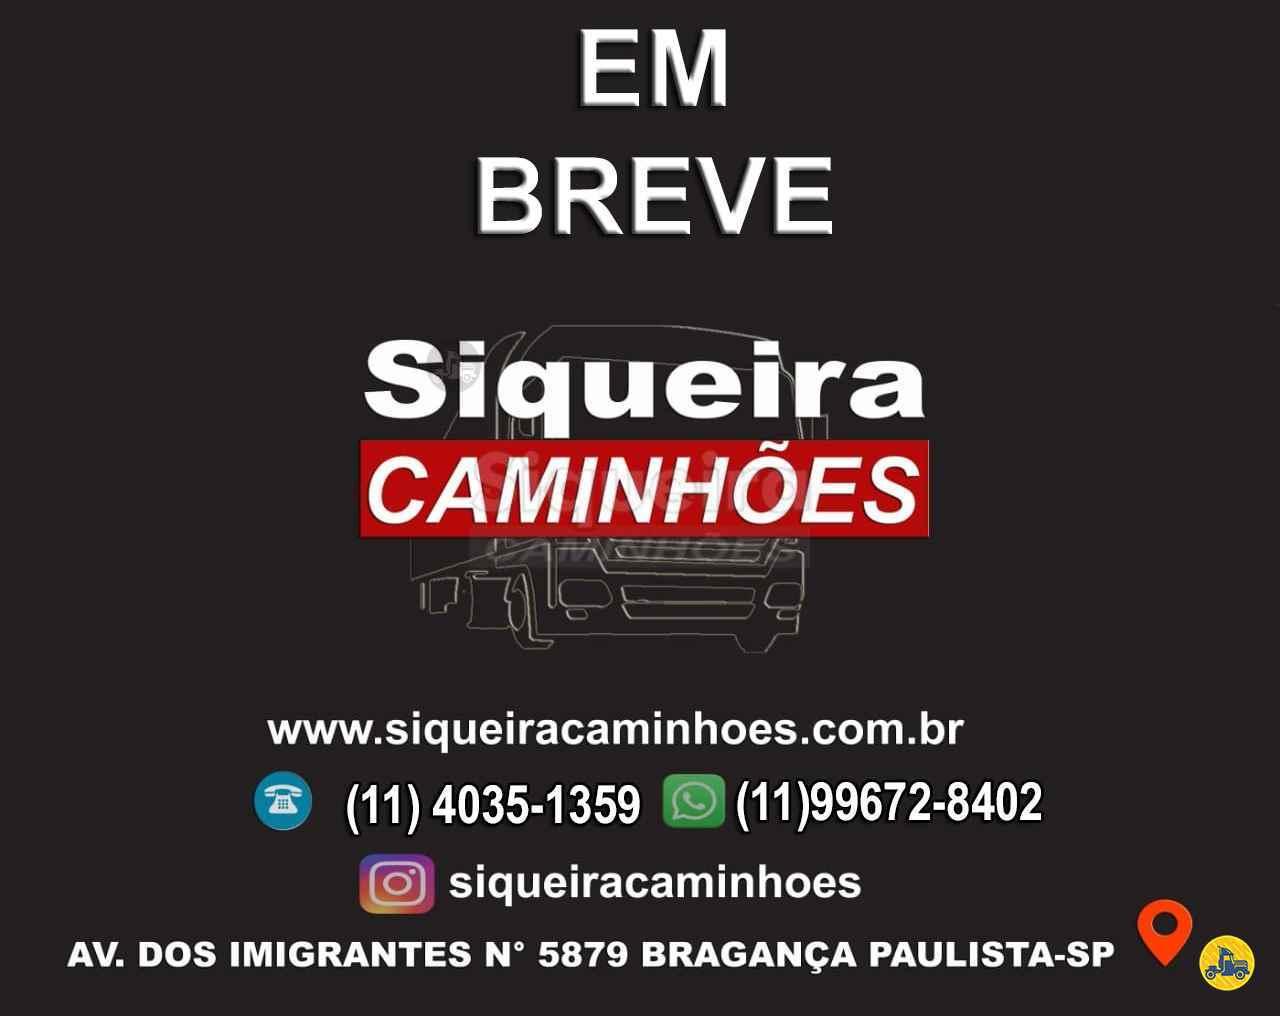 CAMINHAO MERCEDES-BENZ MB 2429 Carga Seca Truck 6x2 Siqueira Caminhões BRAGANCA PAULISTA SÃO PAULO SP